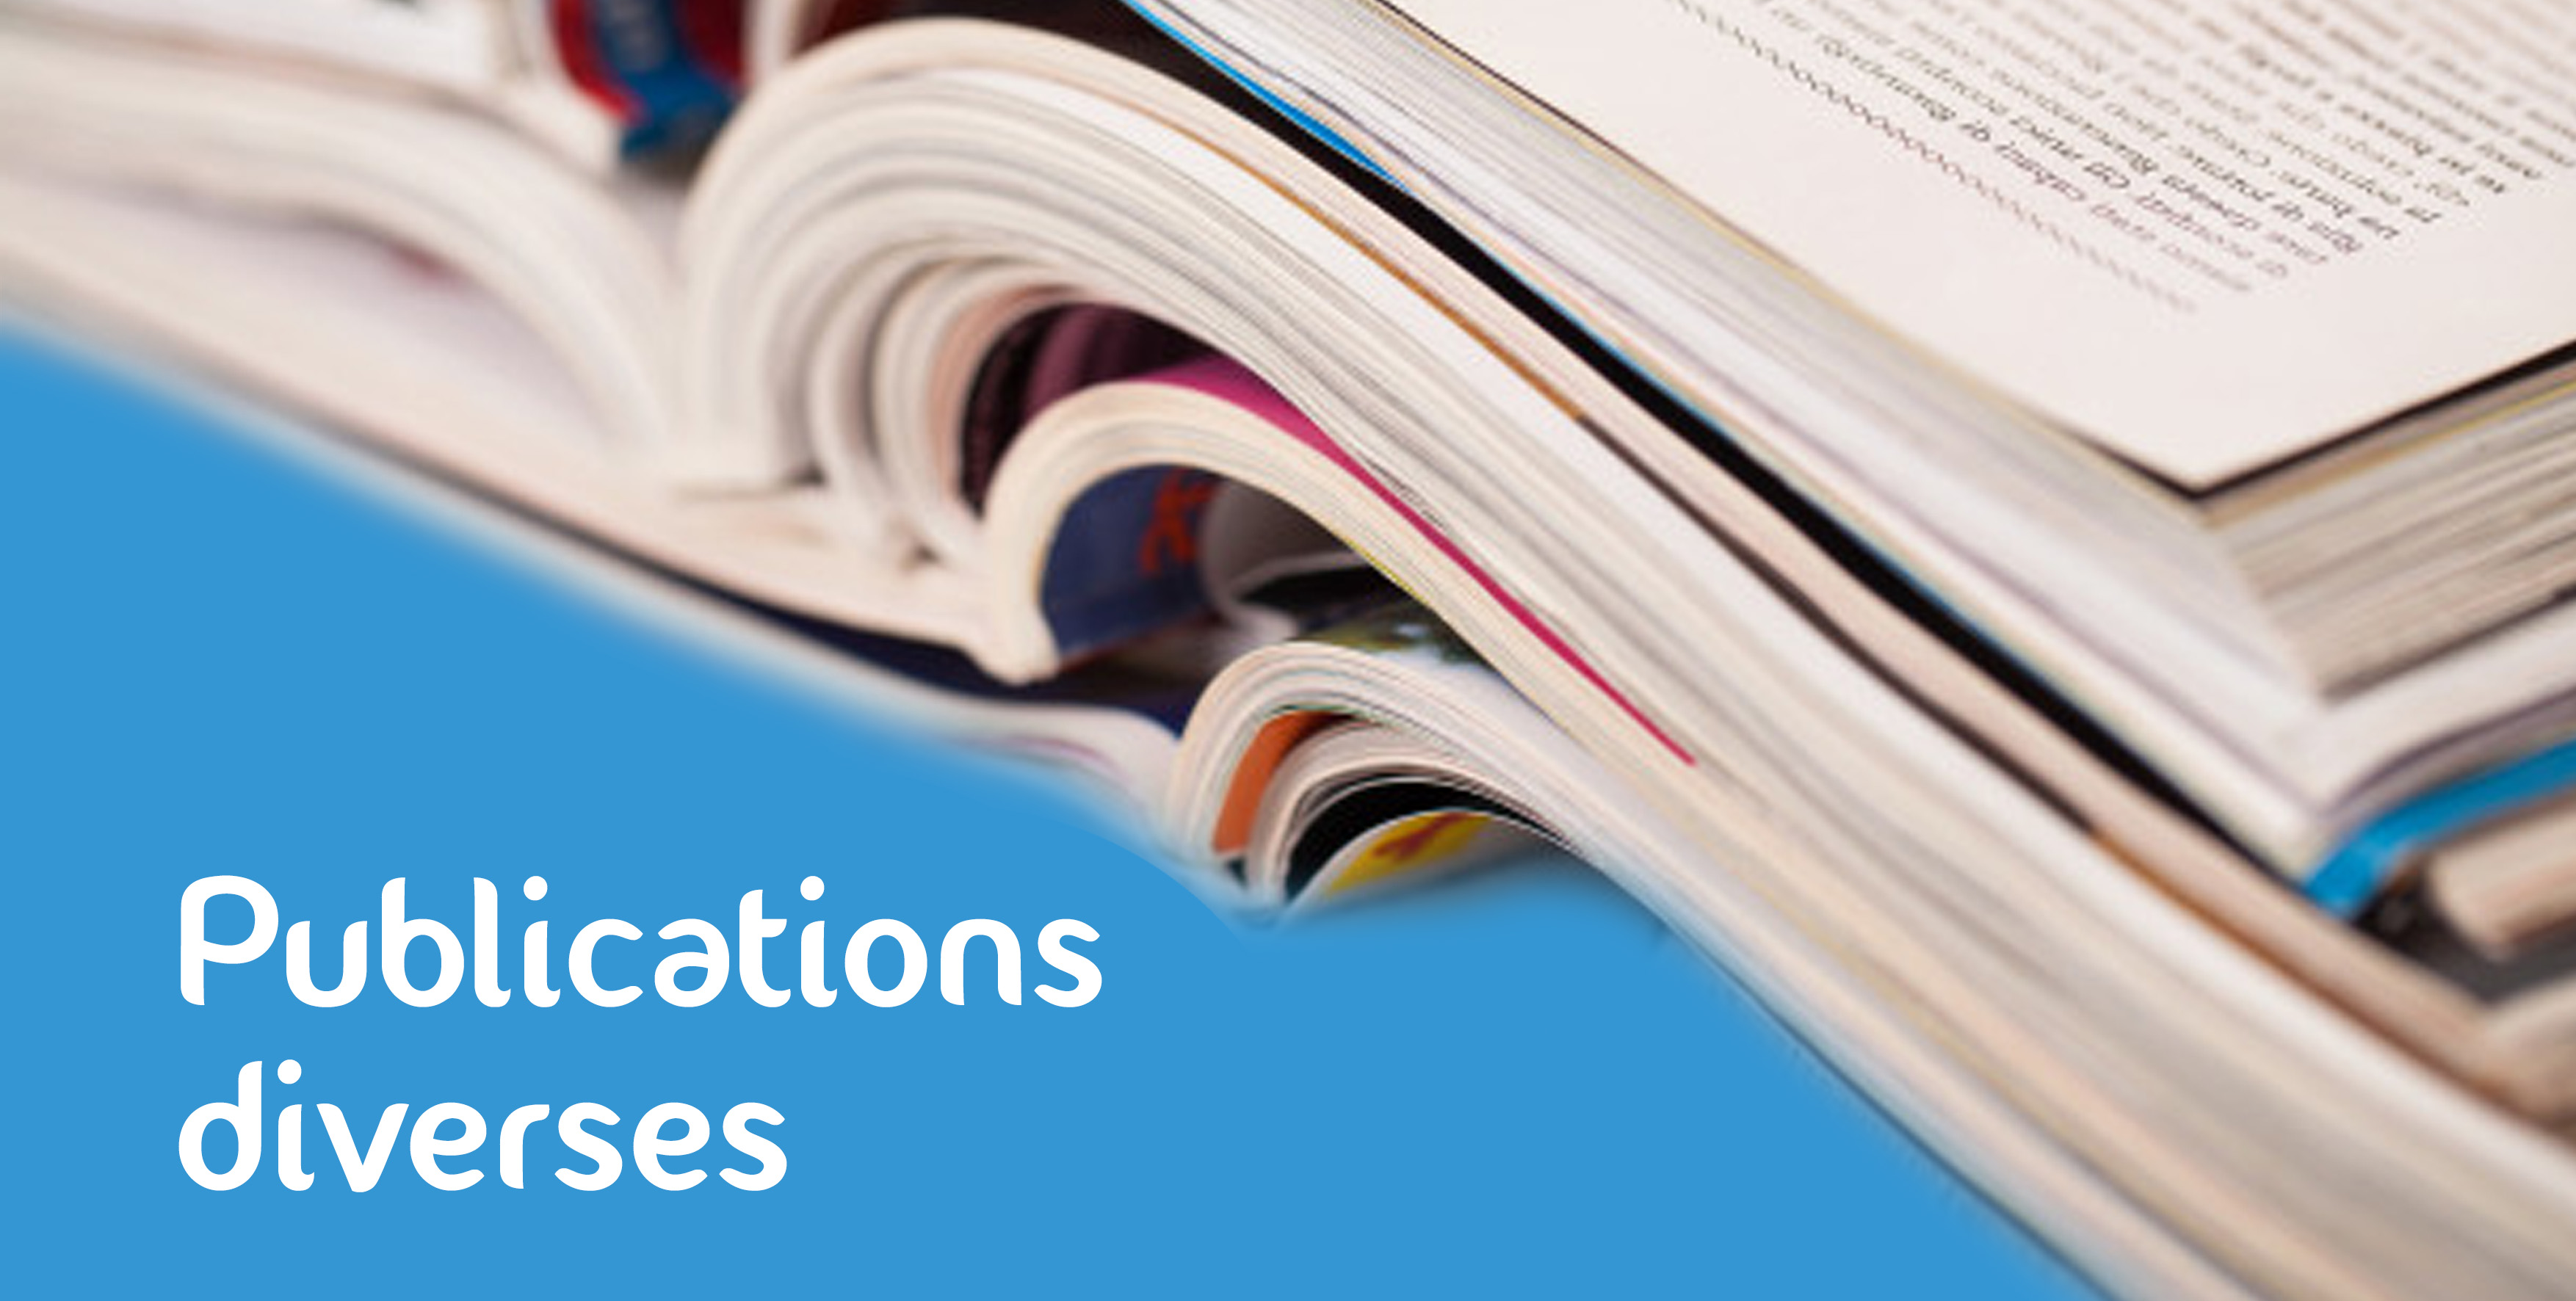 bouton_publications_diverses.jpg